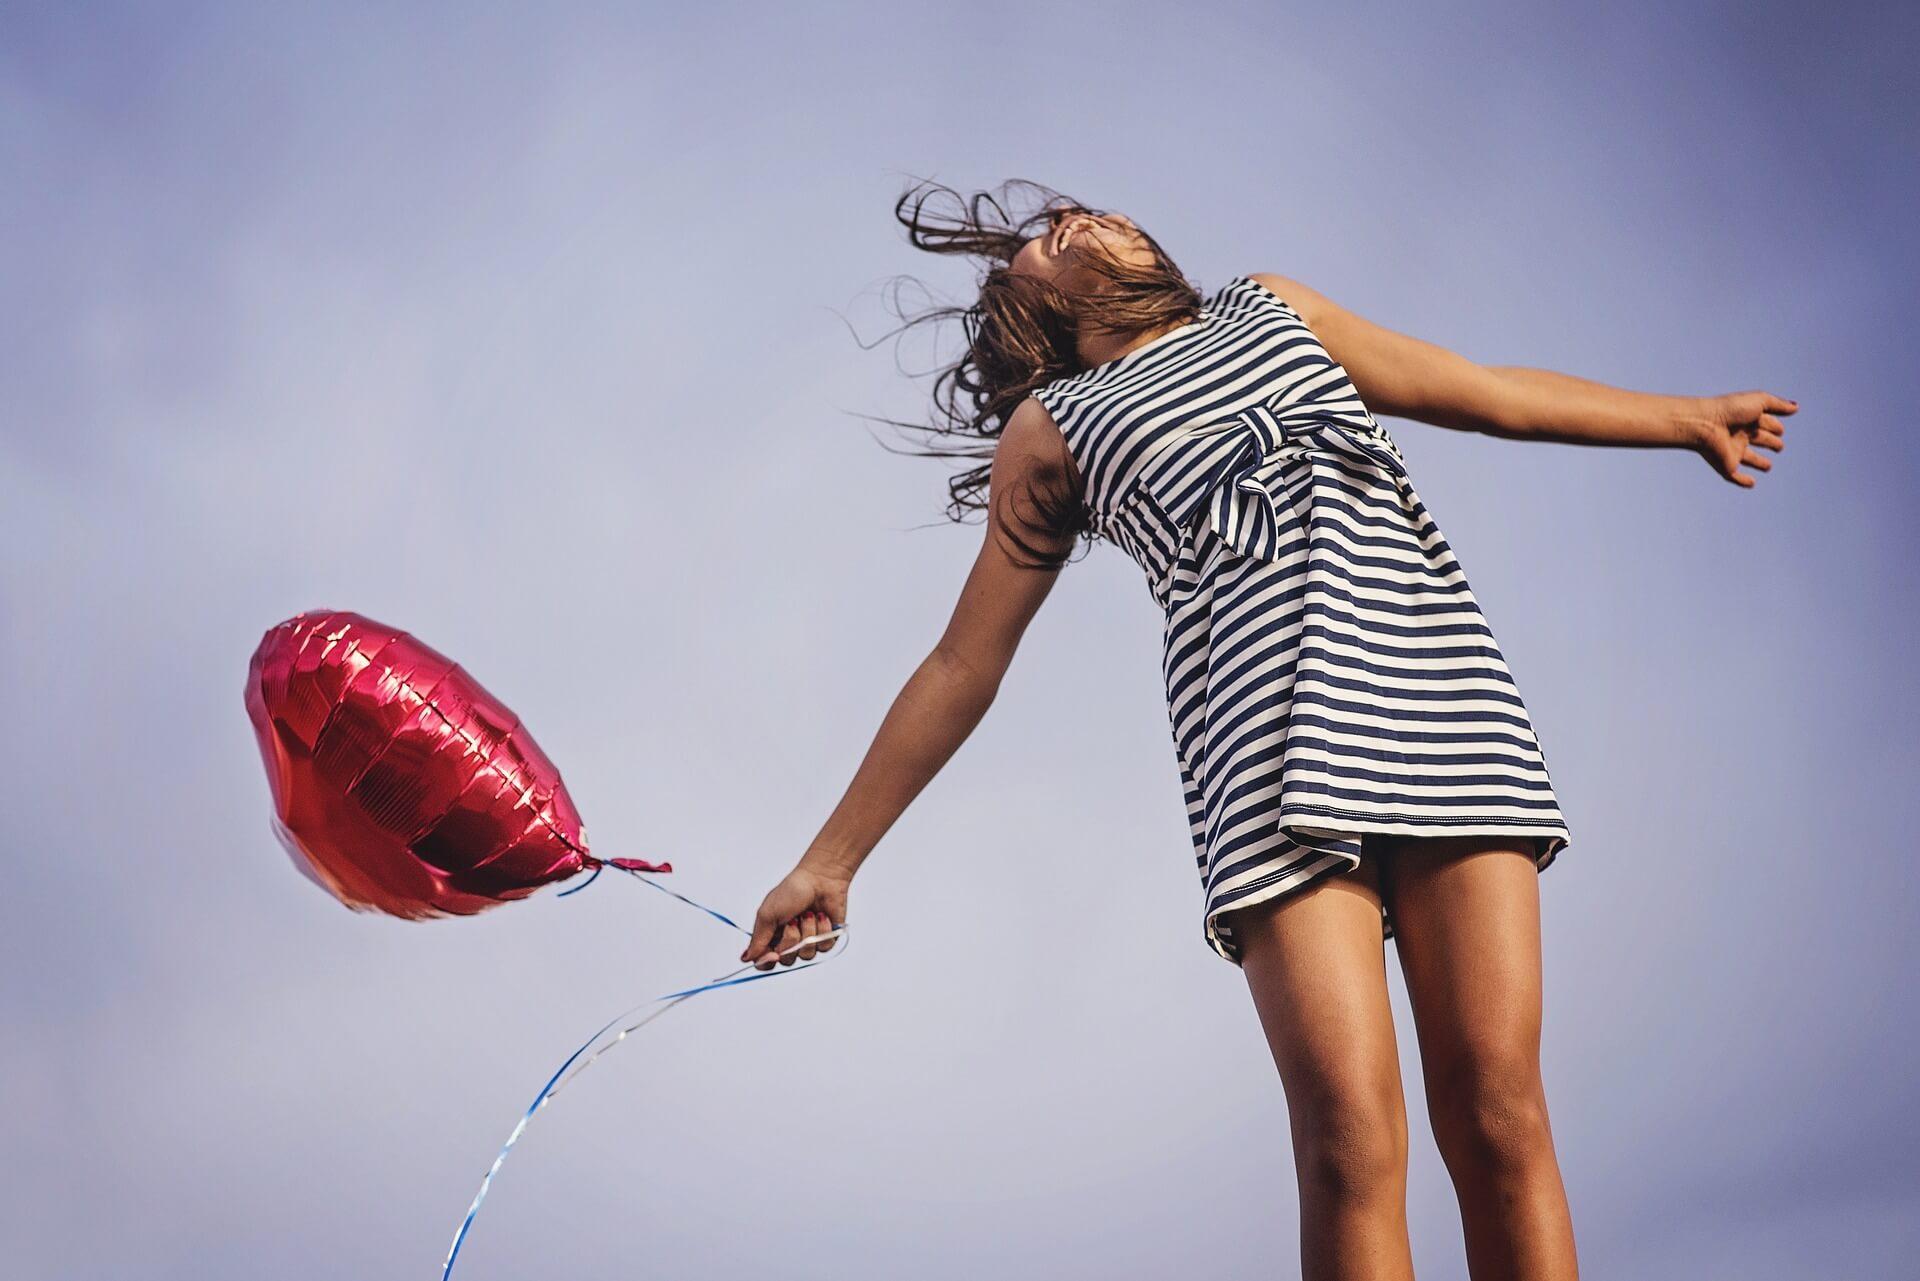 bucurie-fericire-joaca-spirit-liber